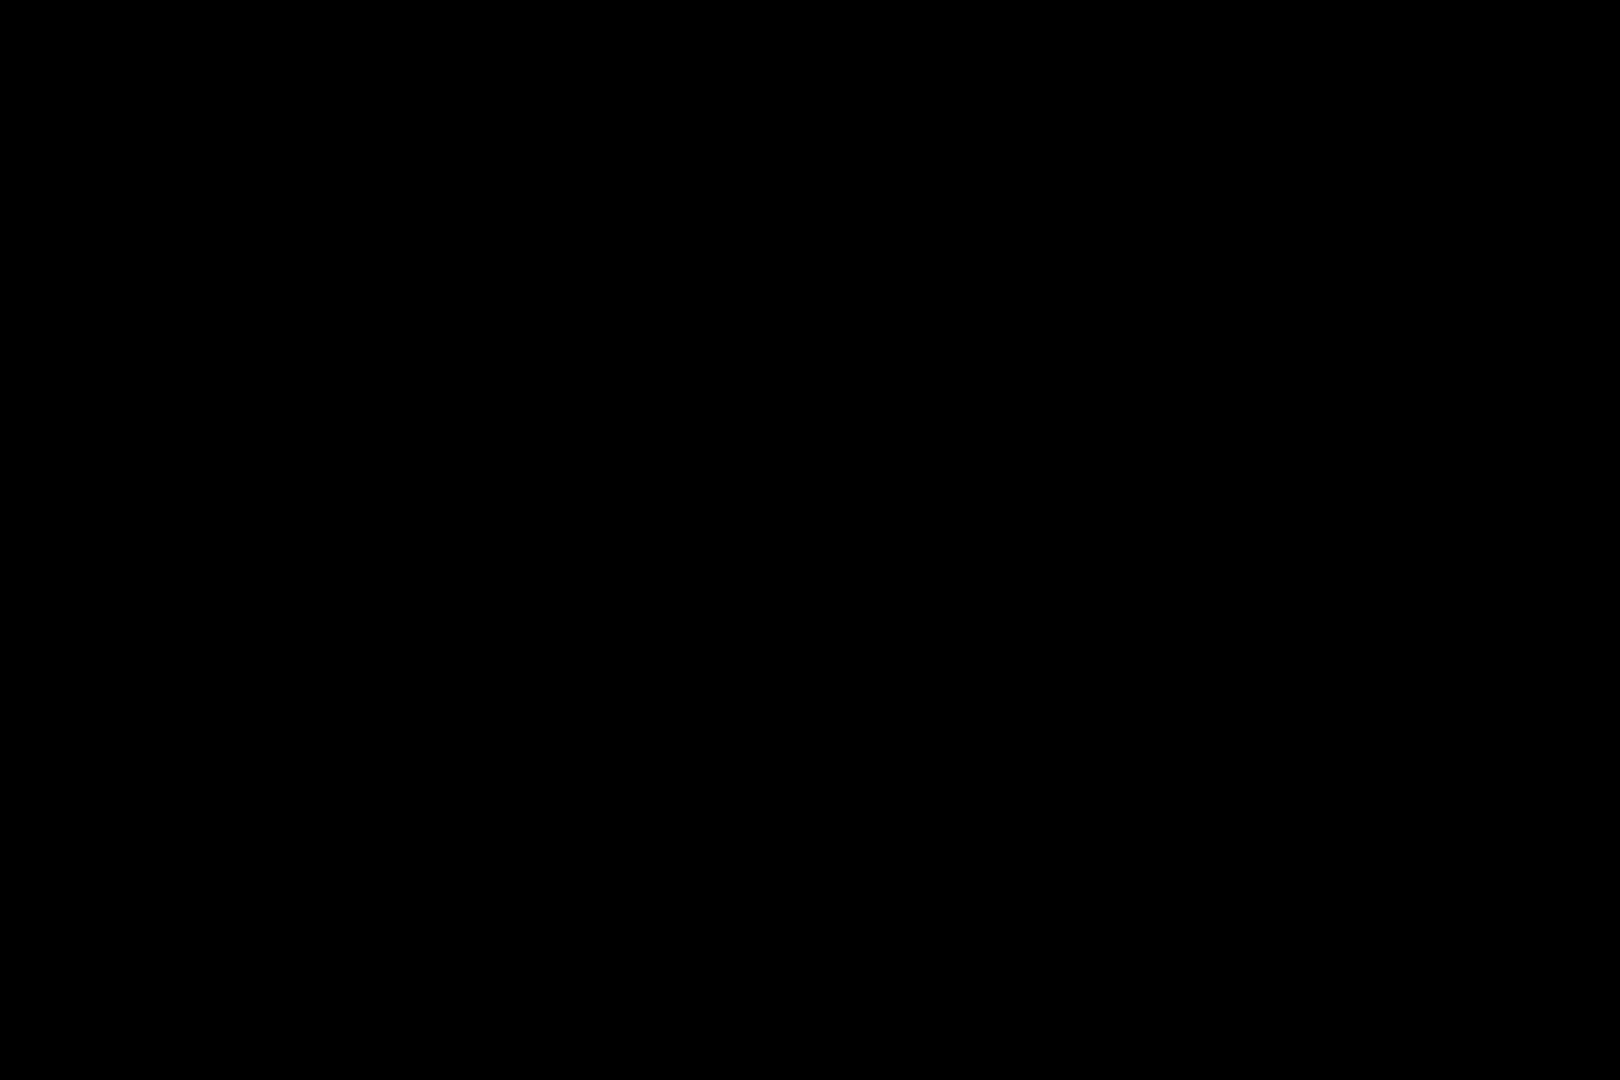 充血監督の深夜の運動会Vol.140 OL  98pic 70